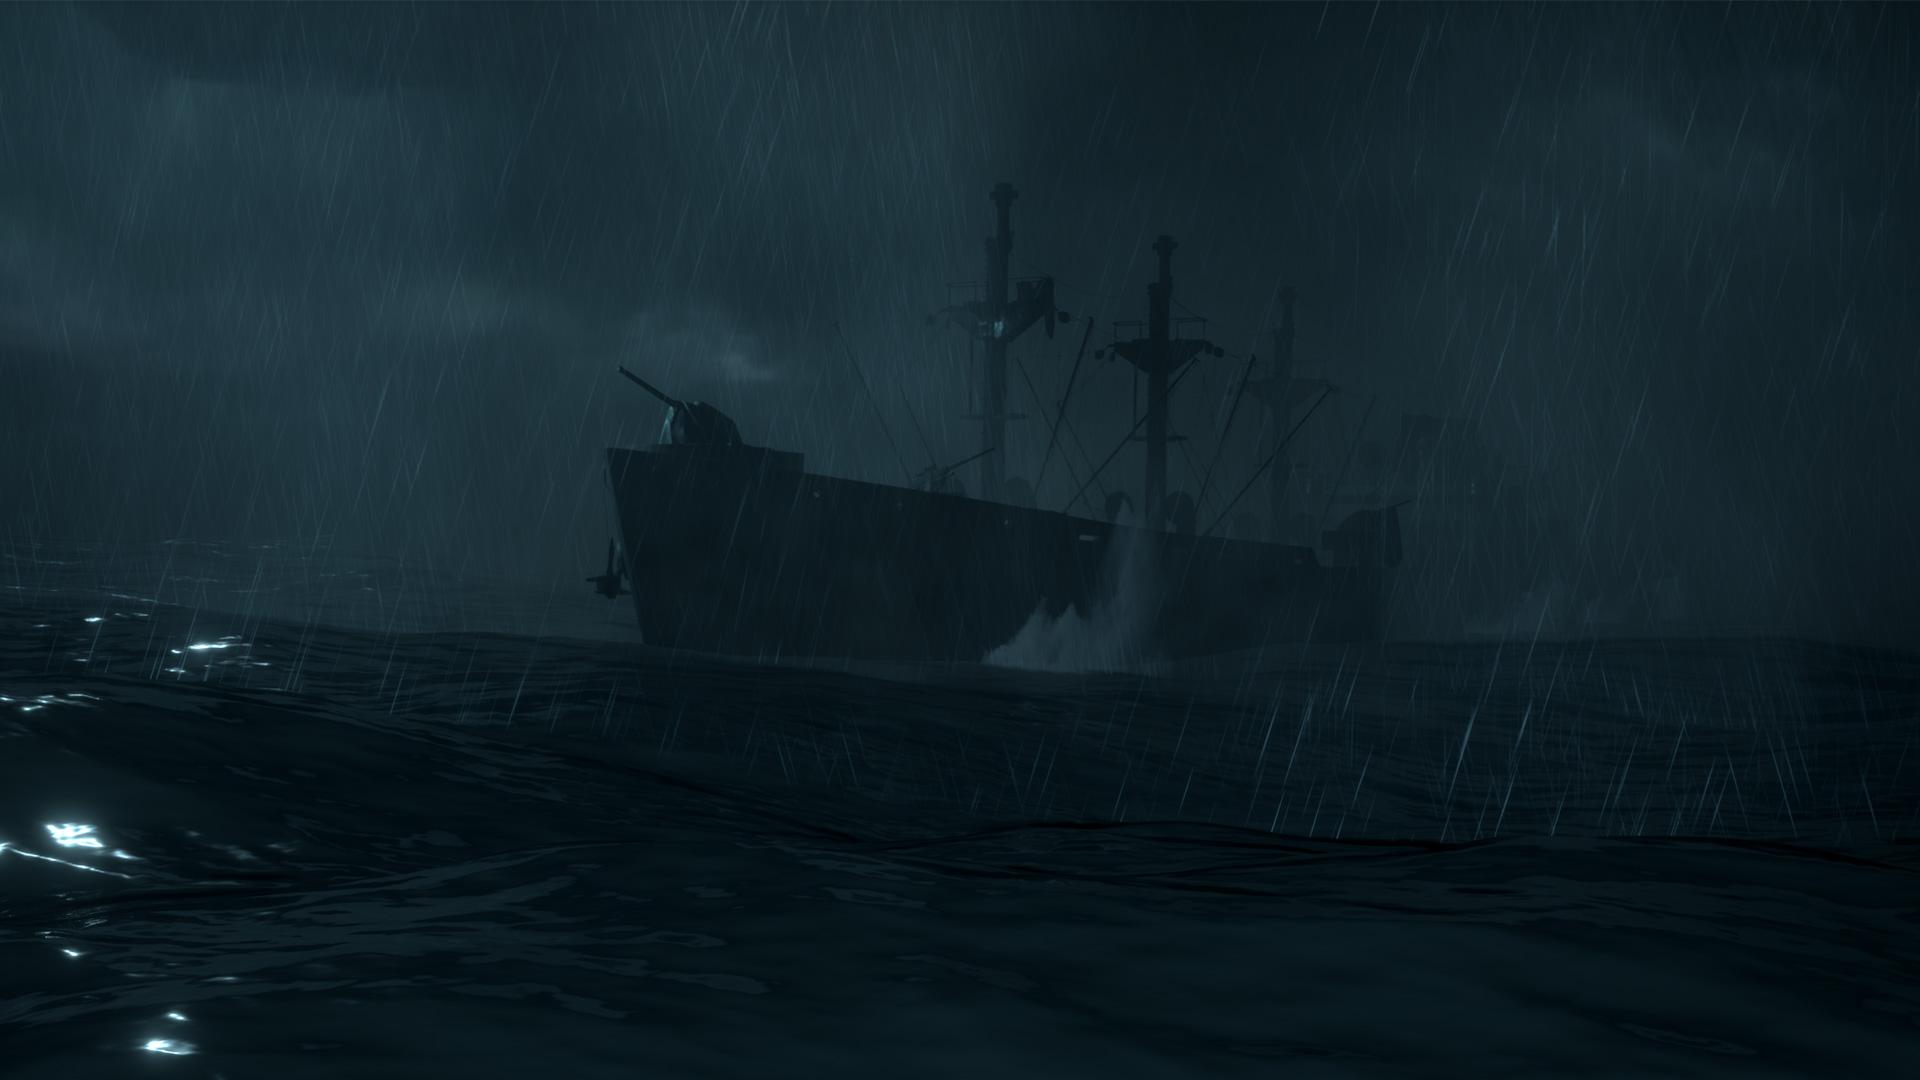 《黑相集:棉兰号》Steam平台上架 8月30日正式发售